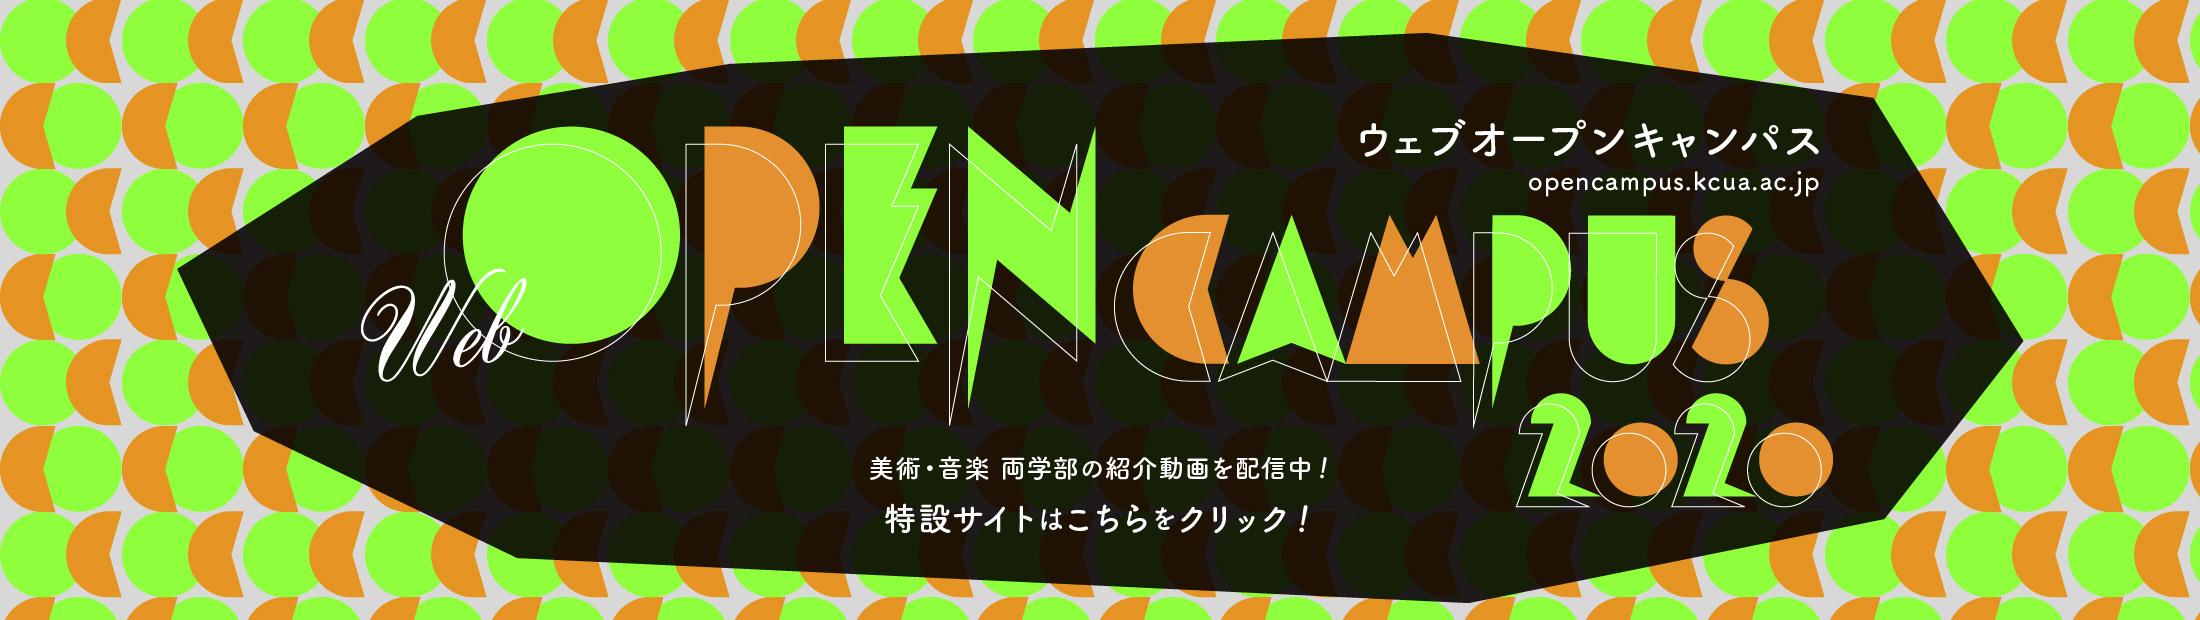 京都市立芸術大学WEBオープンキャンパス2020